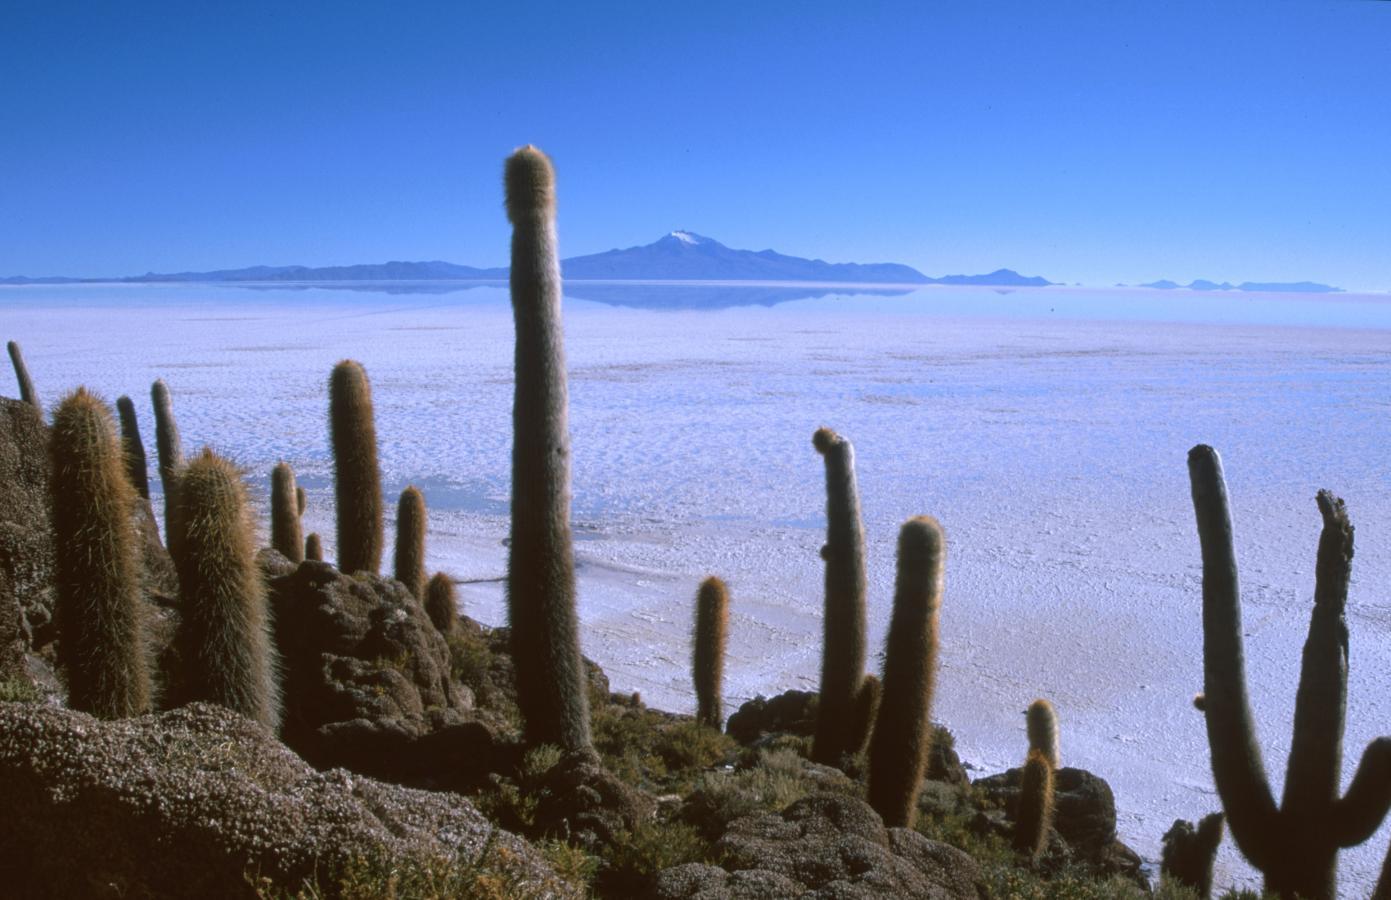 lama-glama-15-bolivia-2001